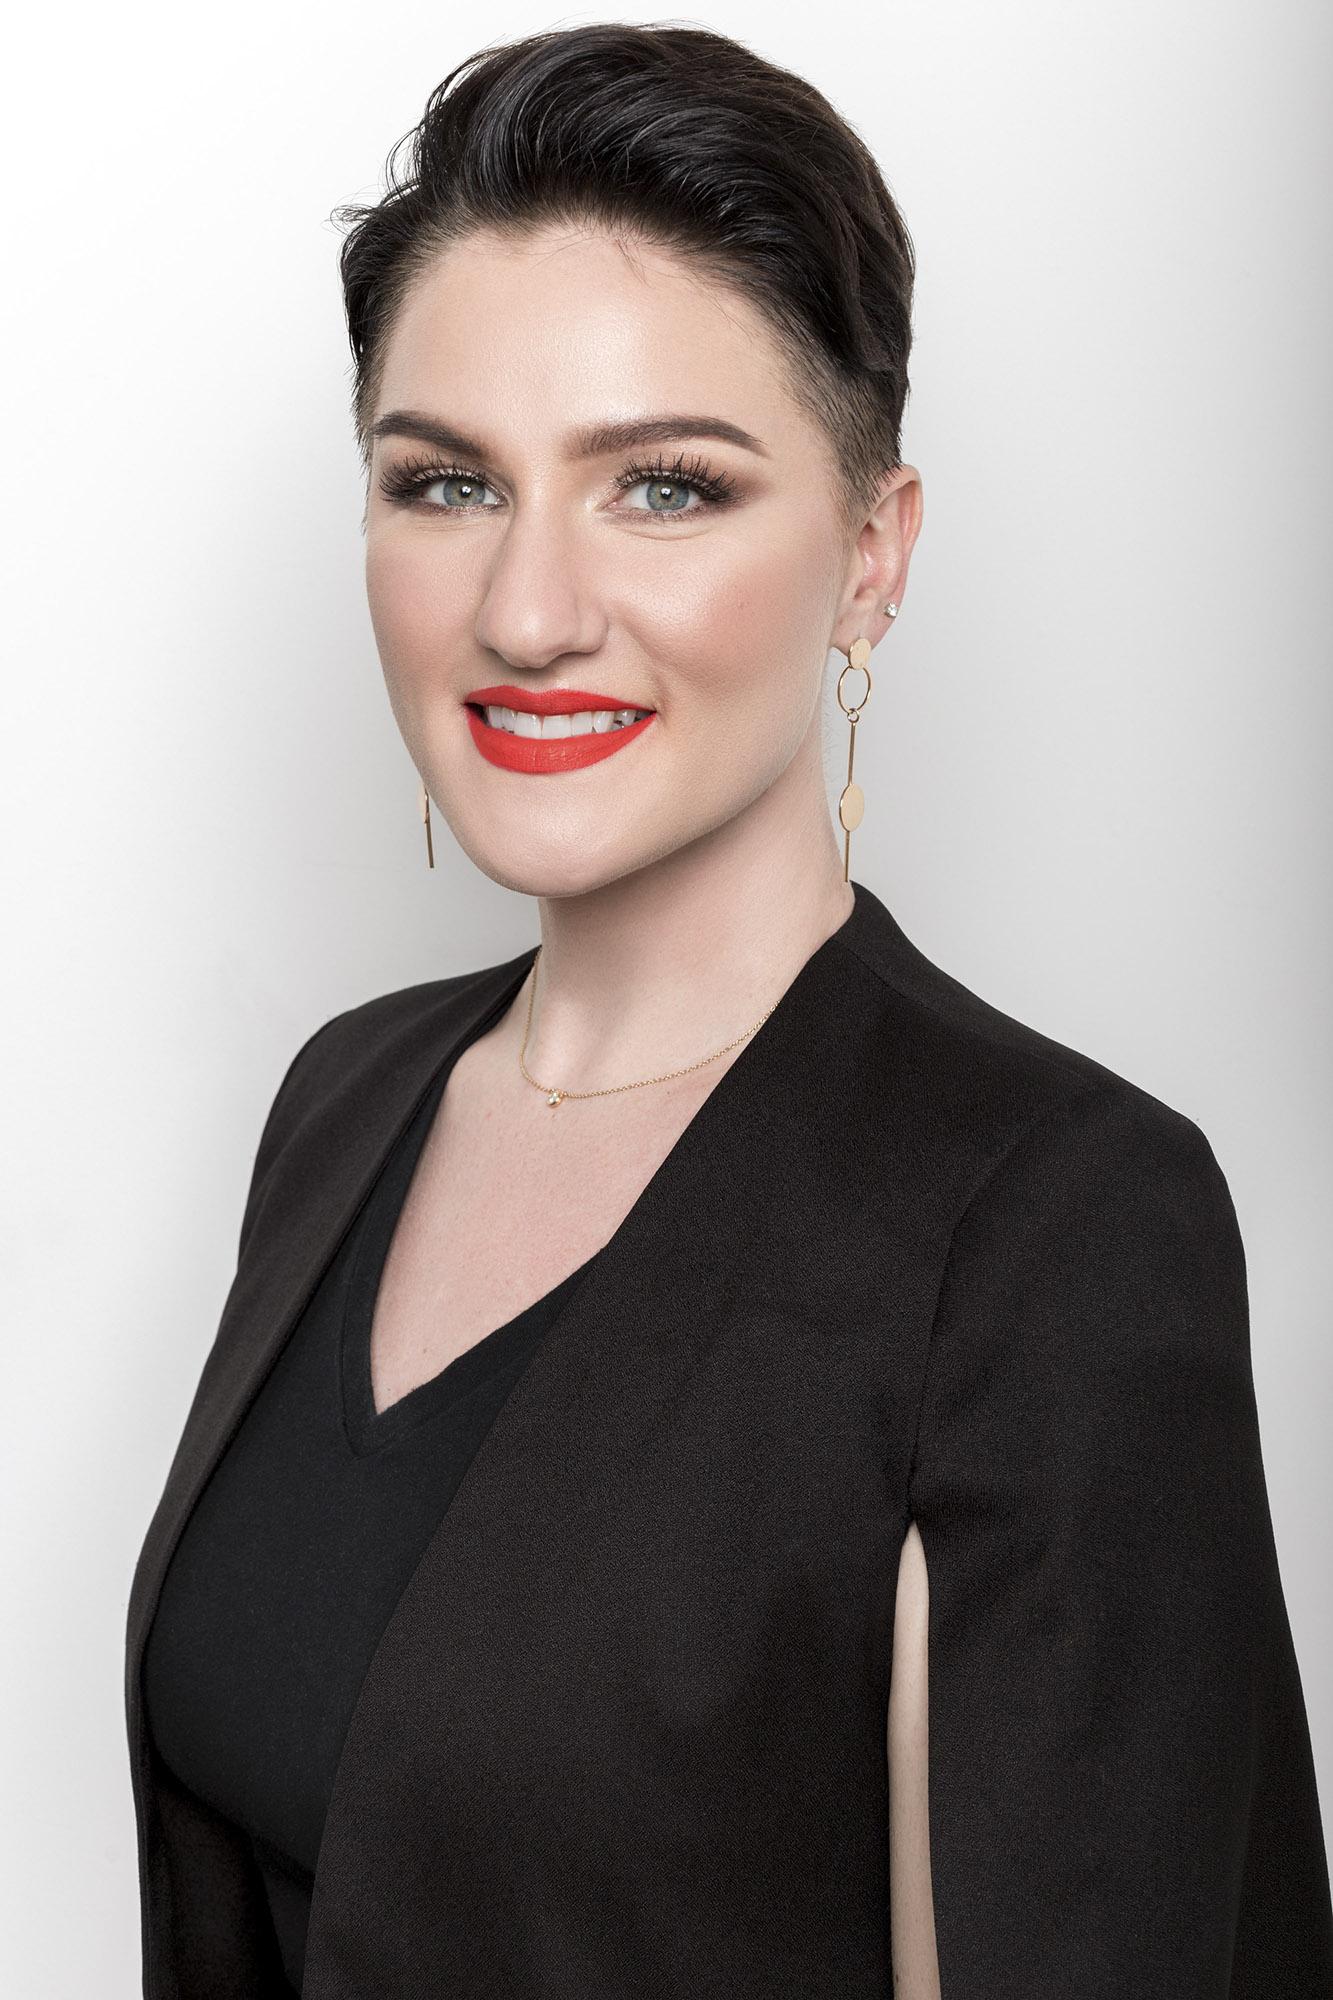 Jo headshot makeup artist.jpg